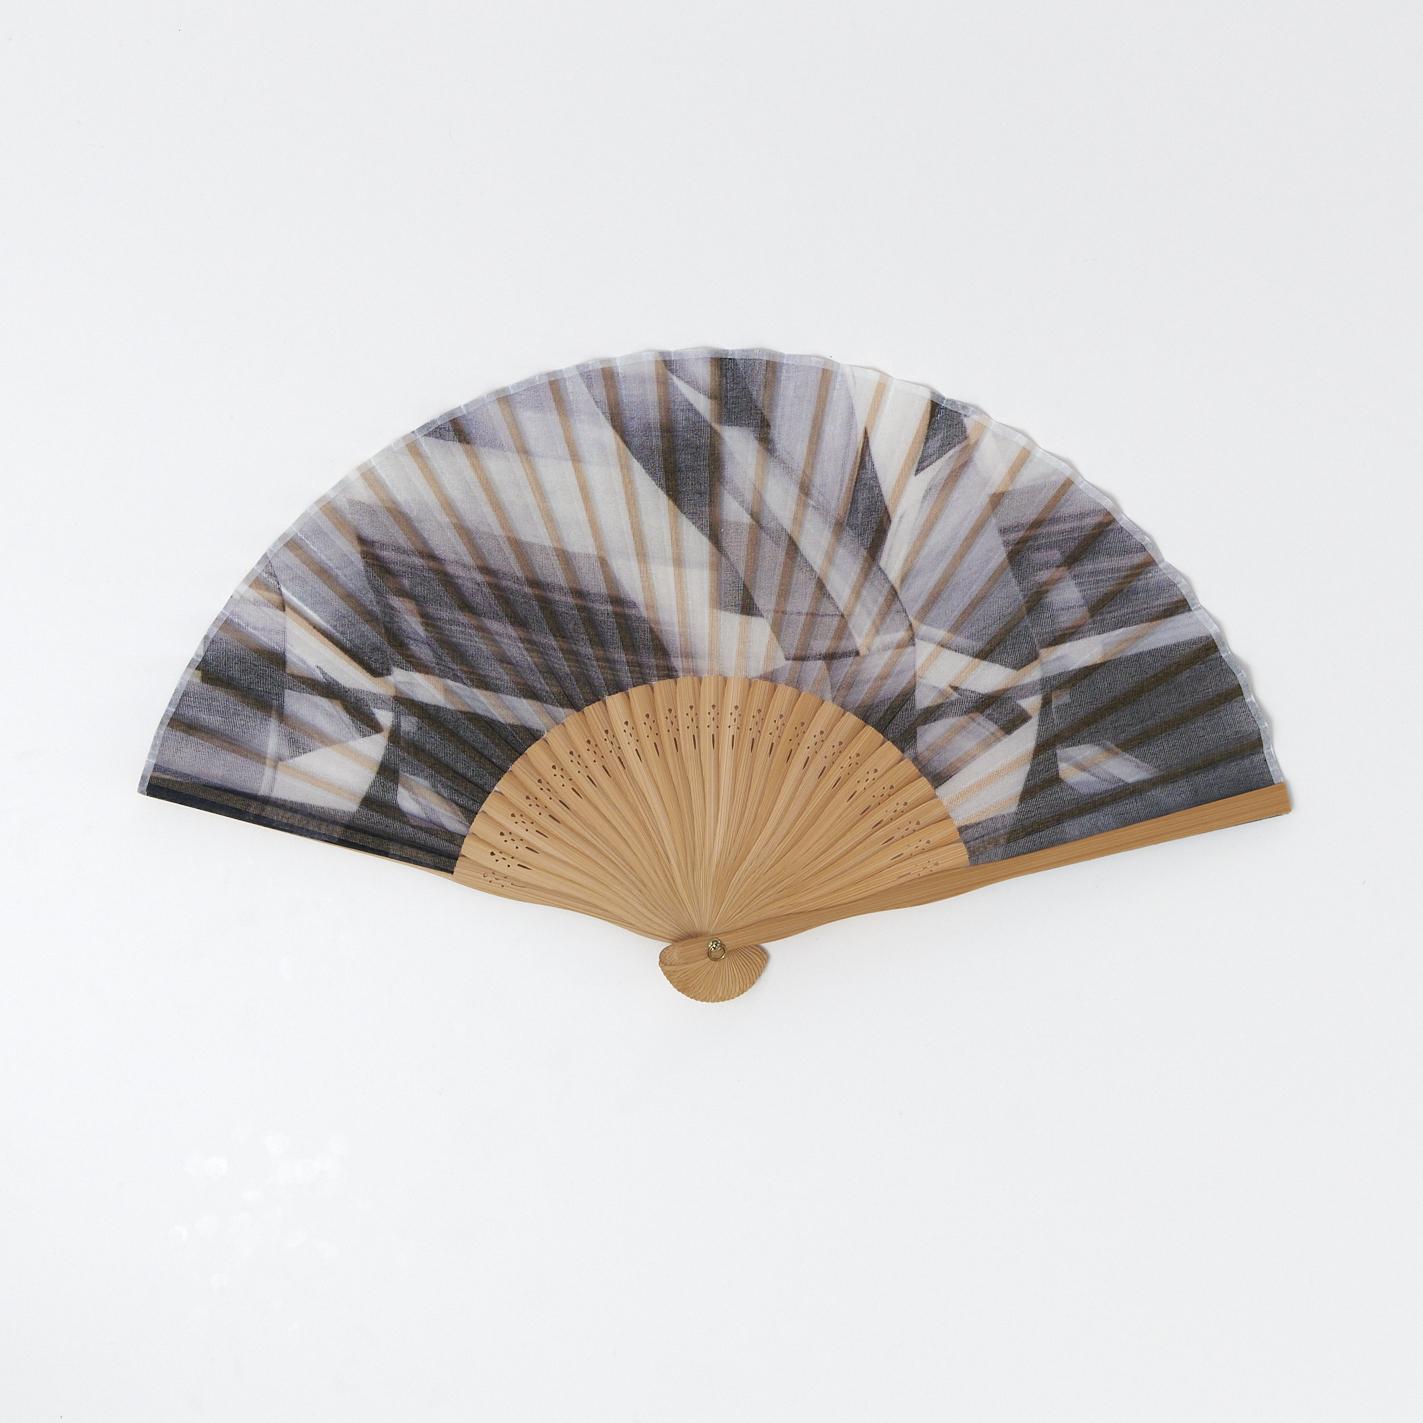 昔ながらの製法で仕立てた綿扇子 - BLOCK DURING A WAVE - 1color